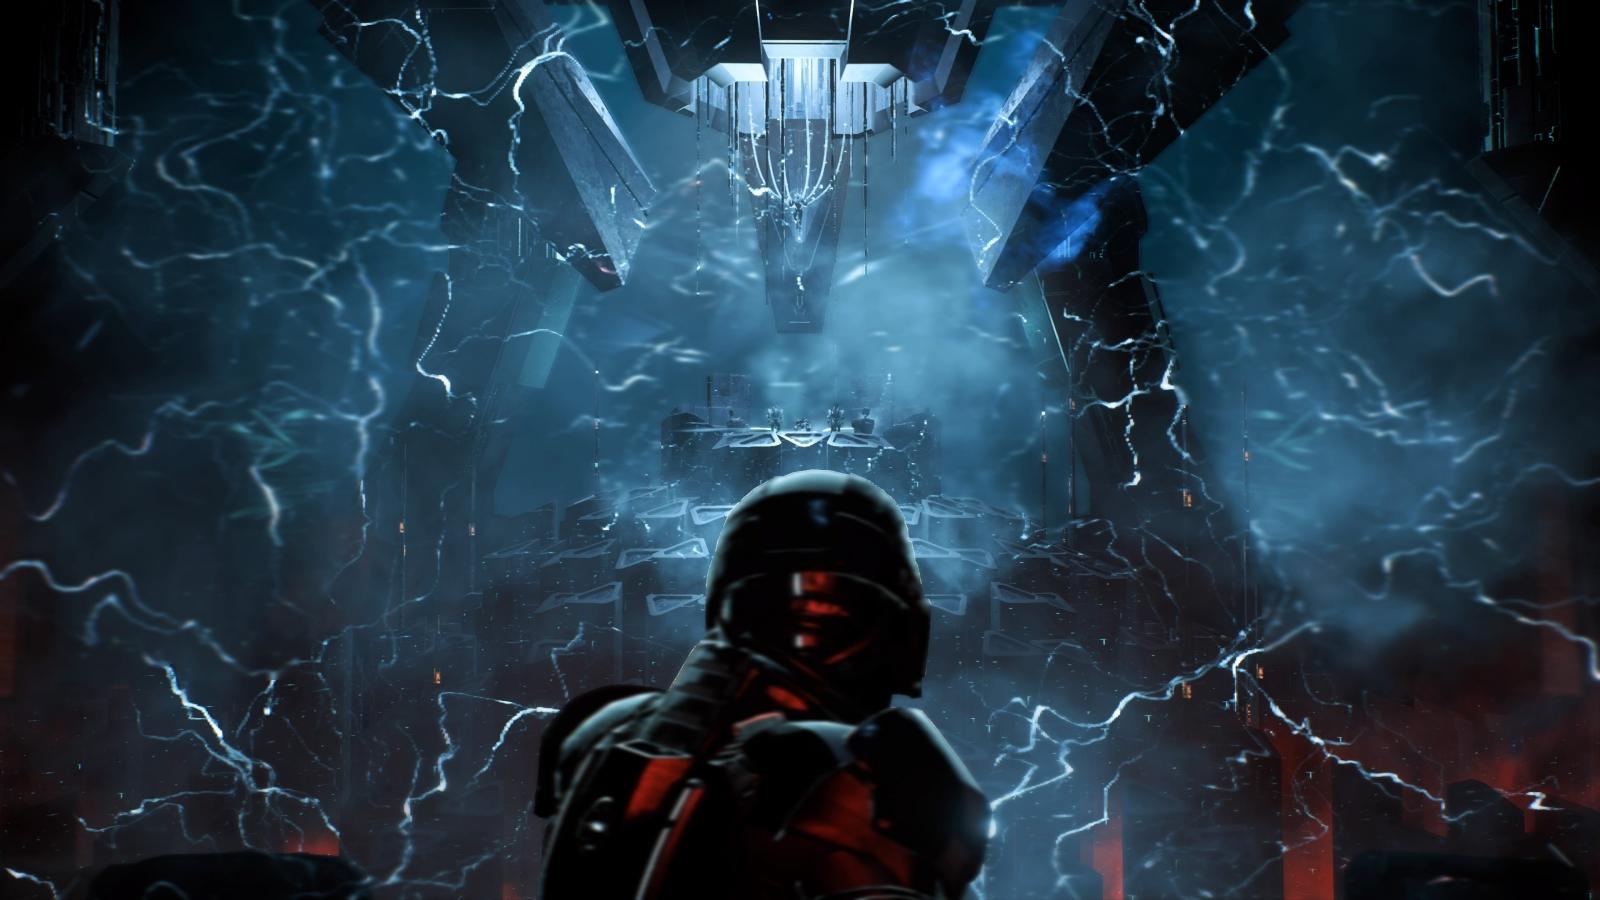 X5 Ghost Mass Effect Andromeda: Mass Effect